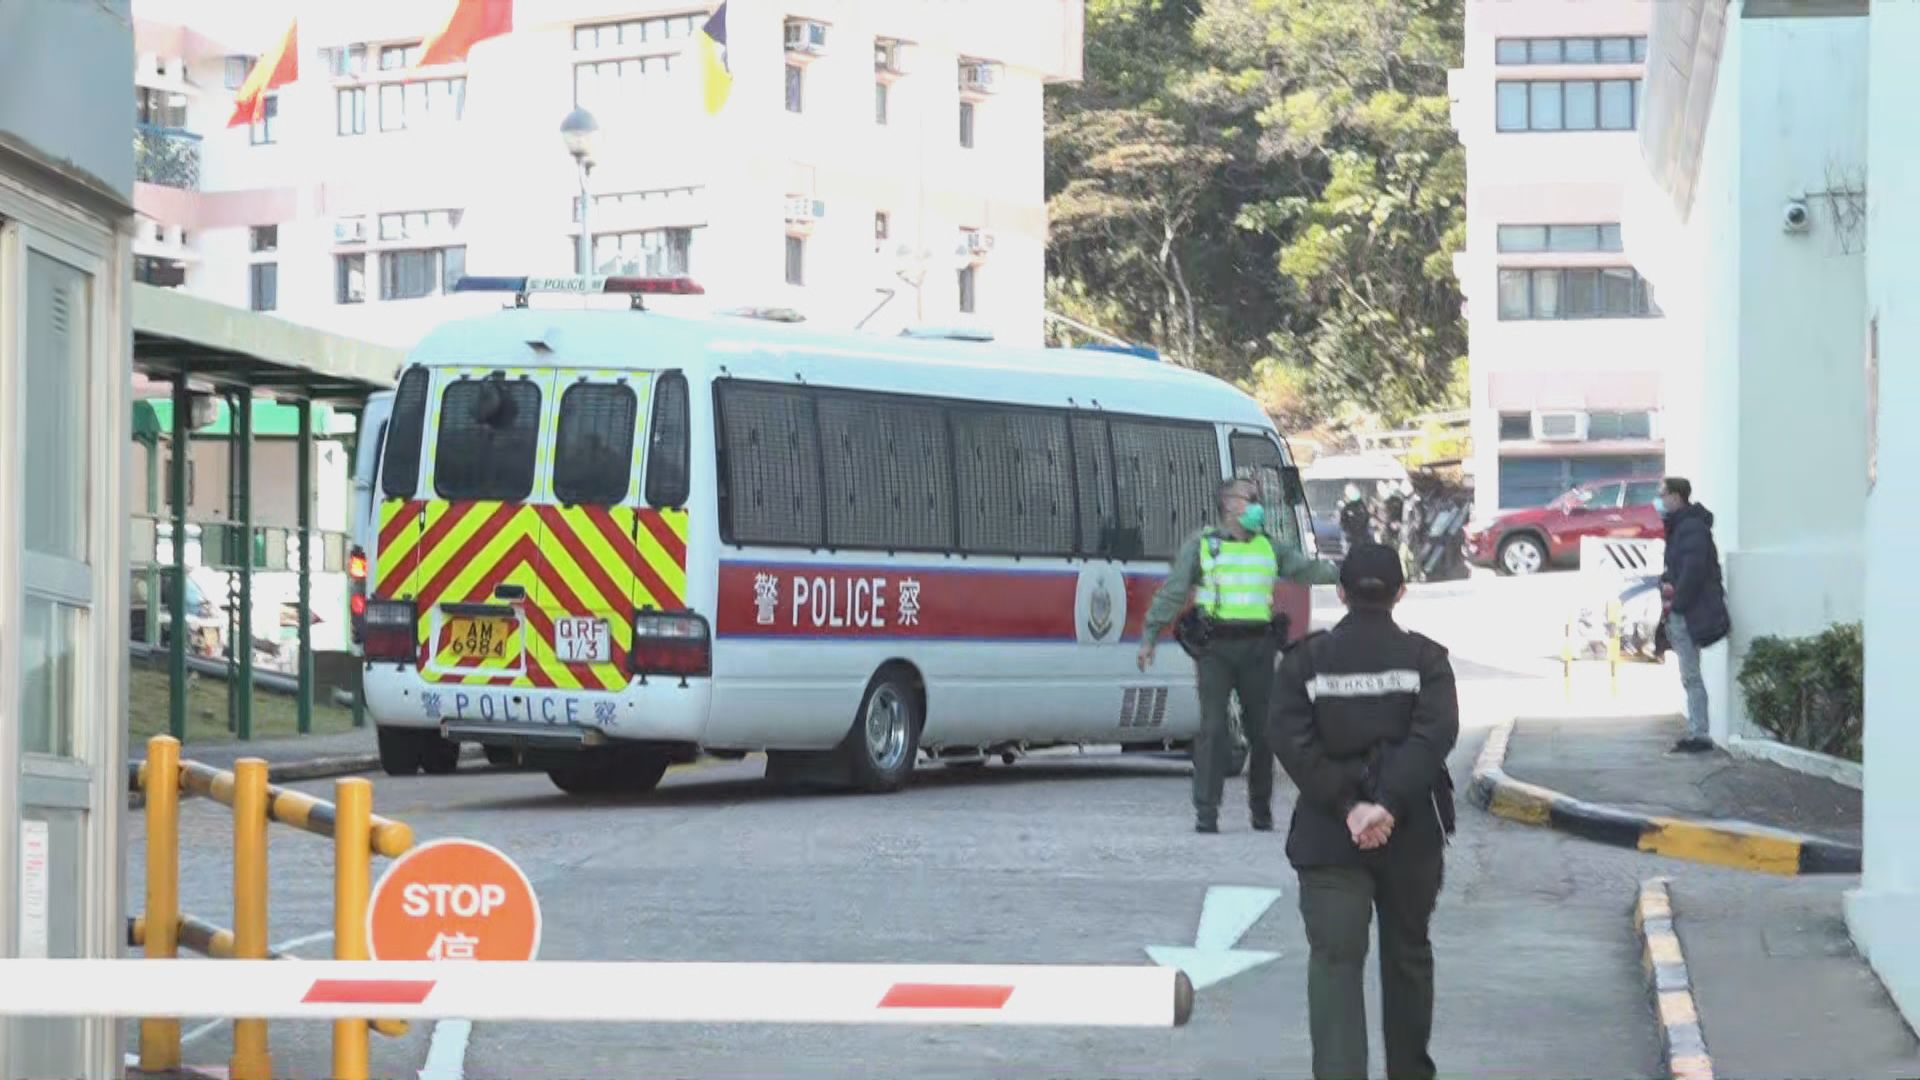 黃臨福廖子文回港後須在懲教署檢疫 案件押後審理